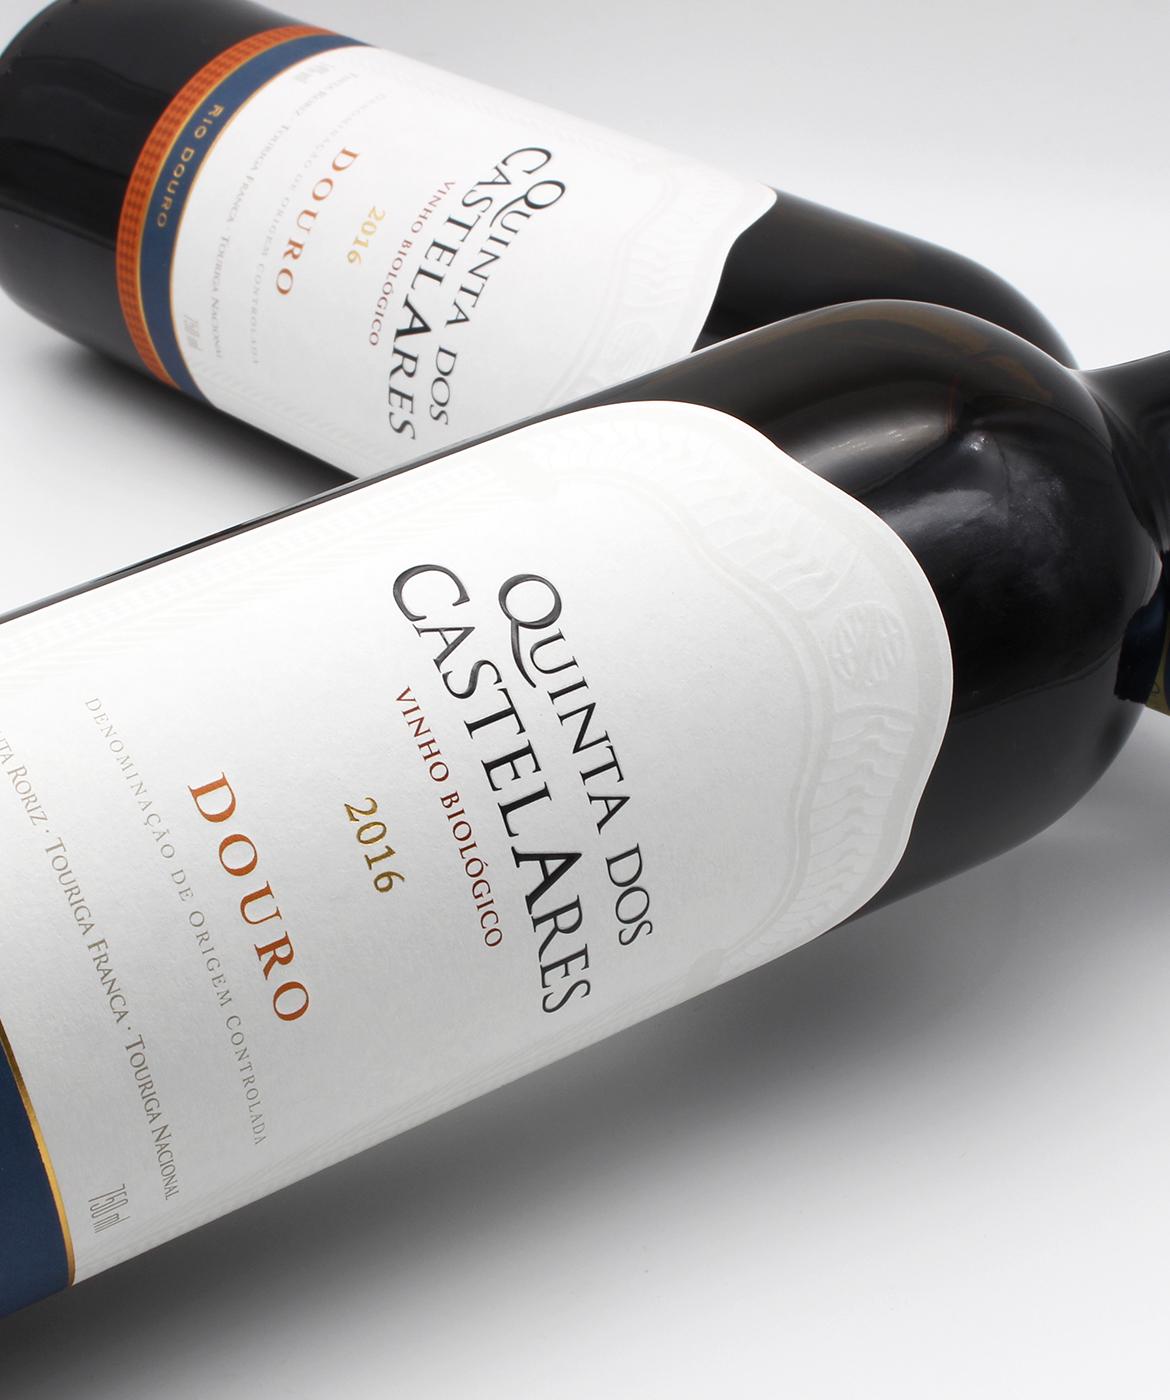 Colheita Tinto | Vinhos Tintos | Quinta dos Castelares